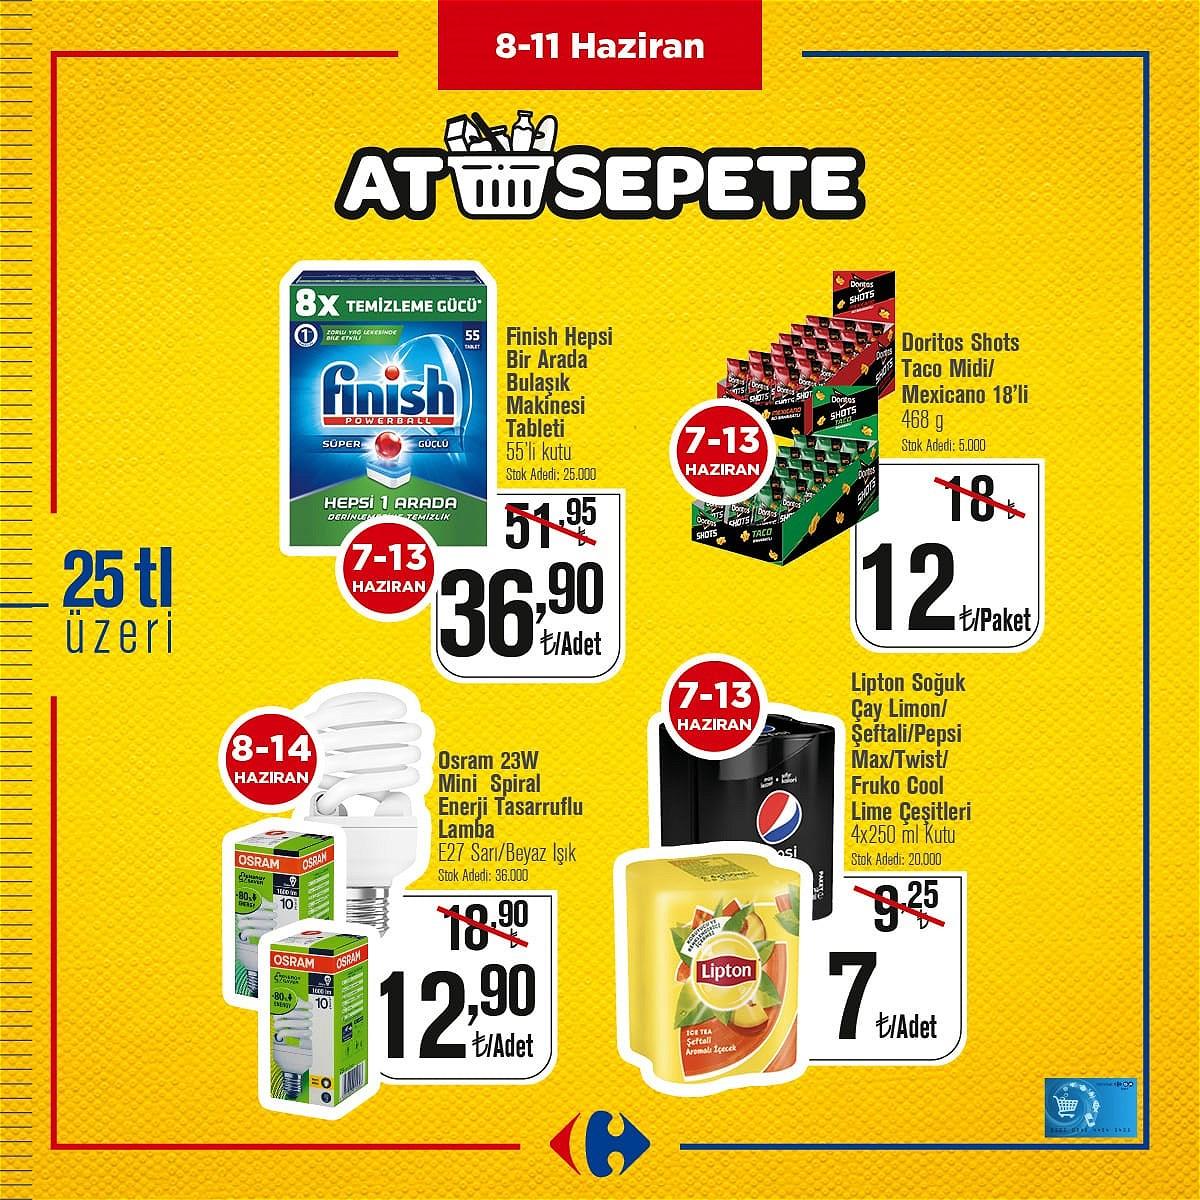 08.06.2021 CarrefourSA broşürü 1. sayfa